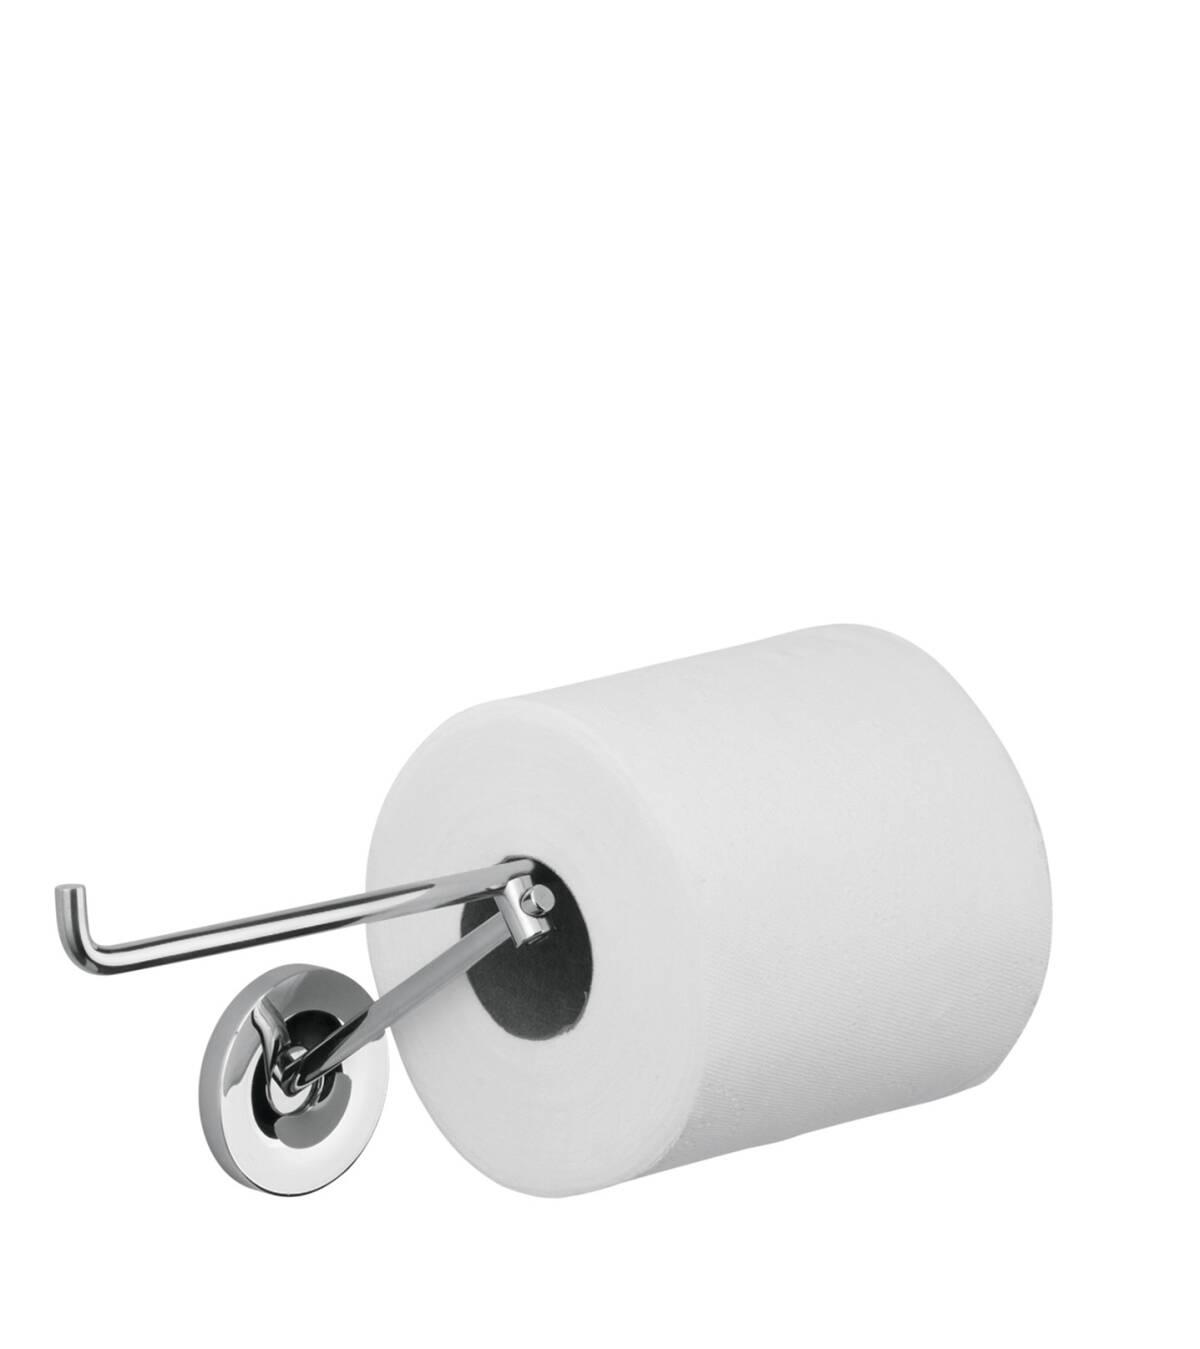 Roll holder, Polished Black Chrome, 40836330